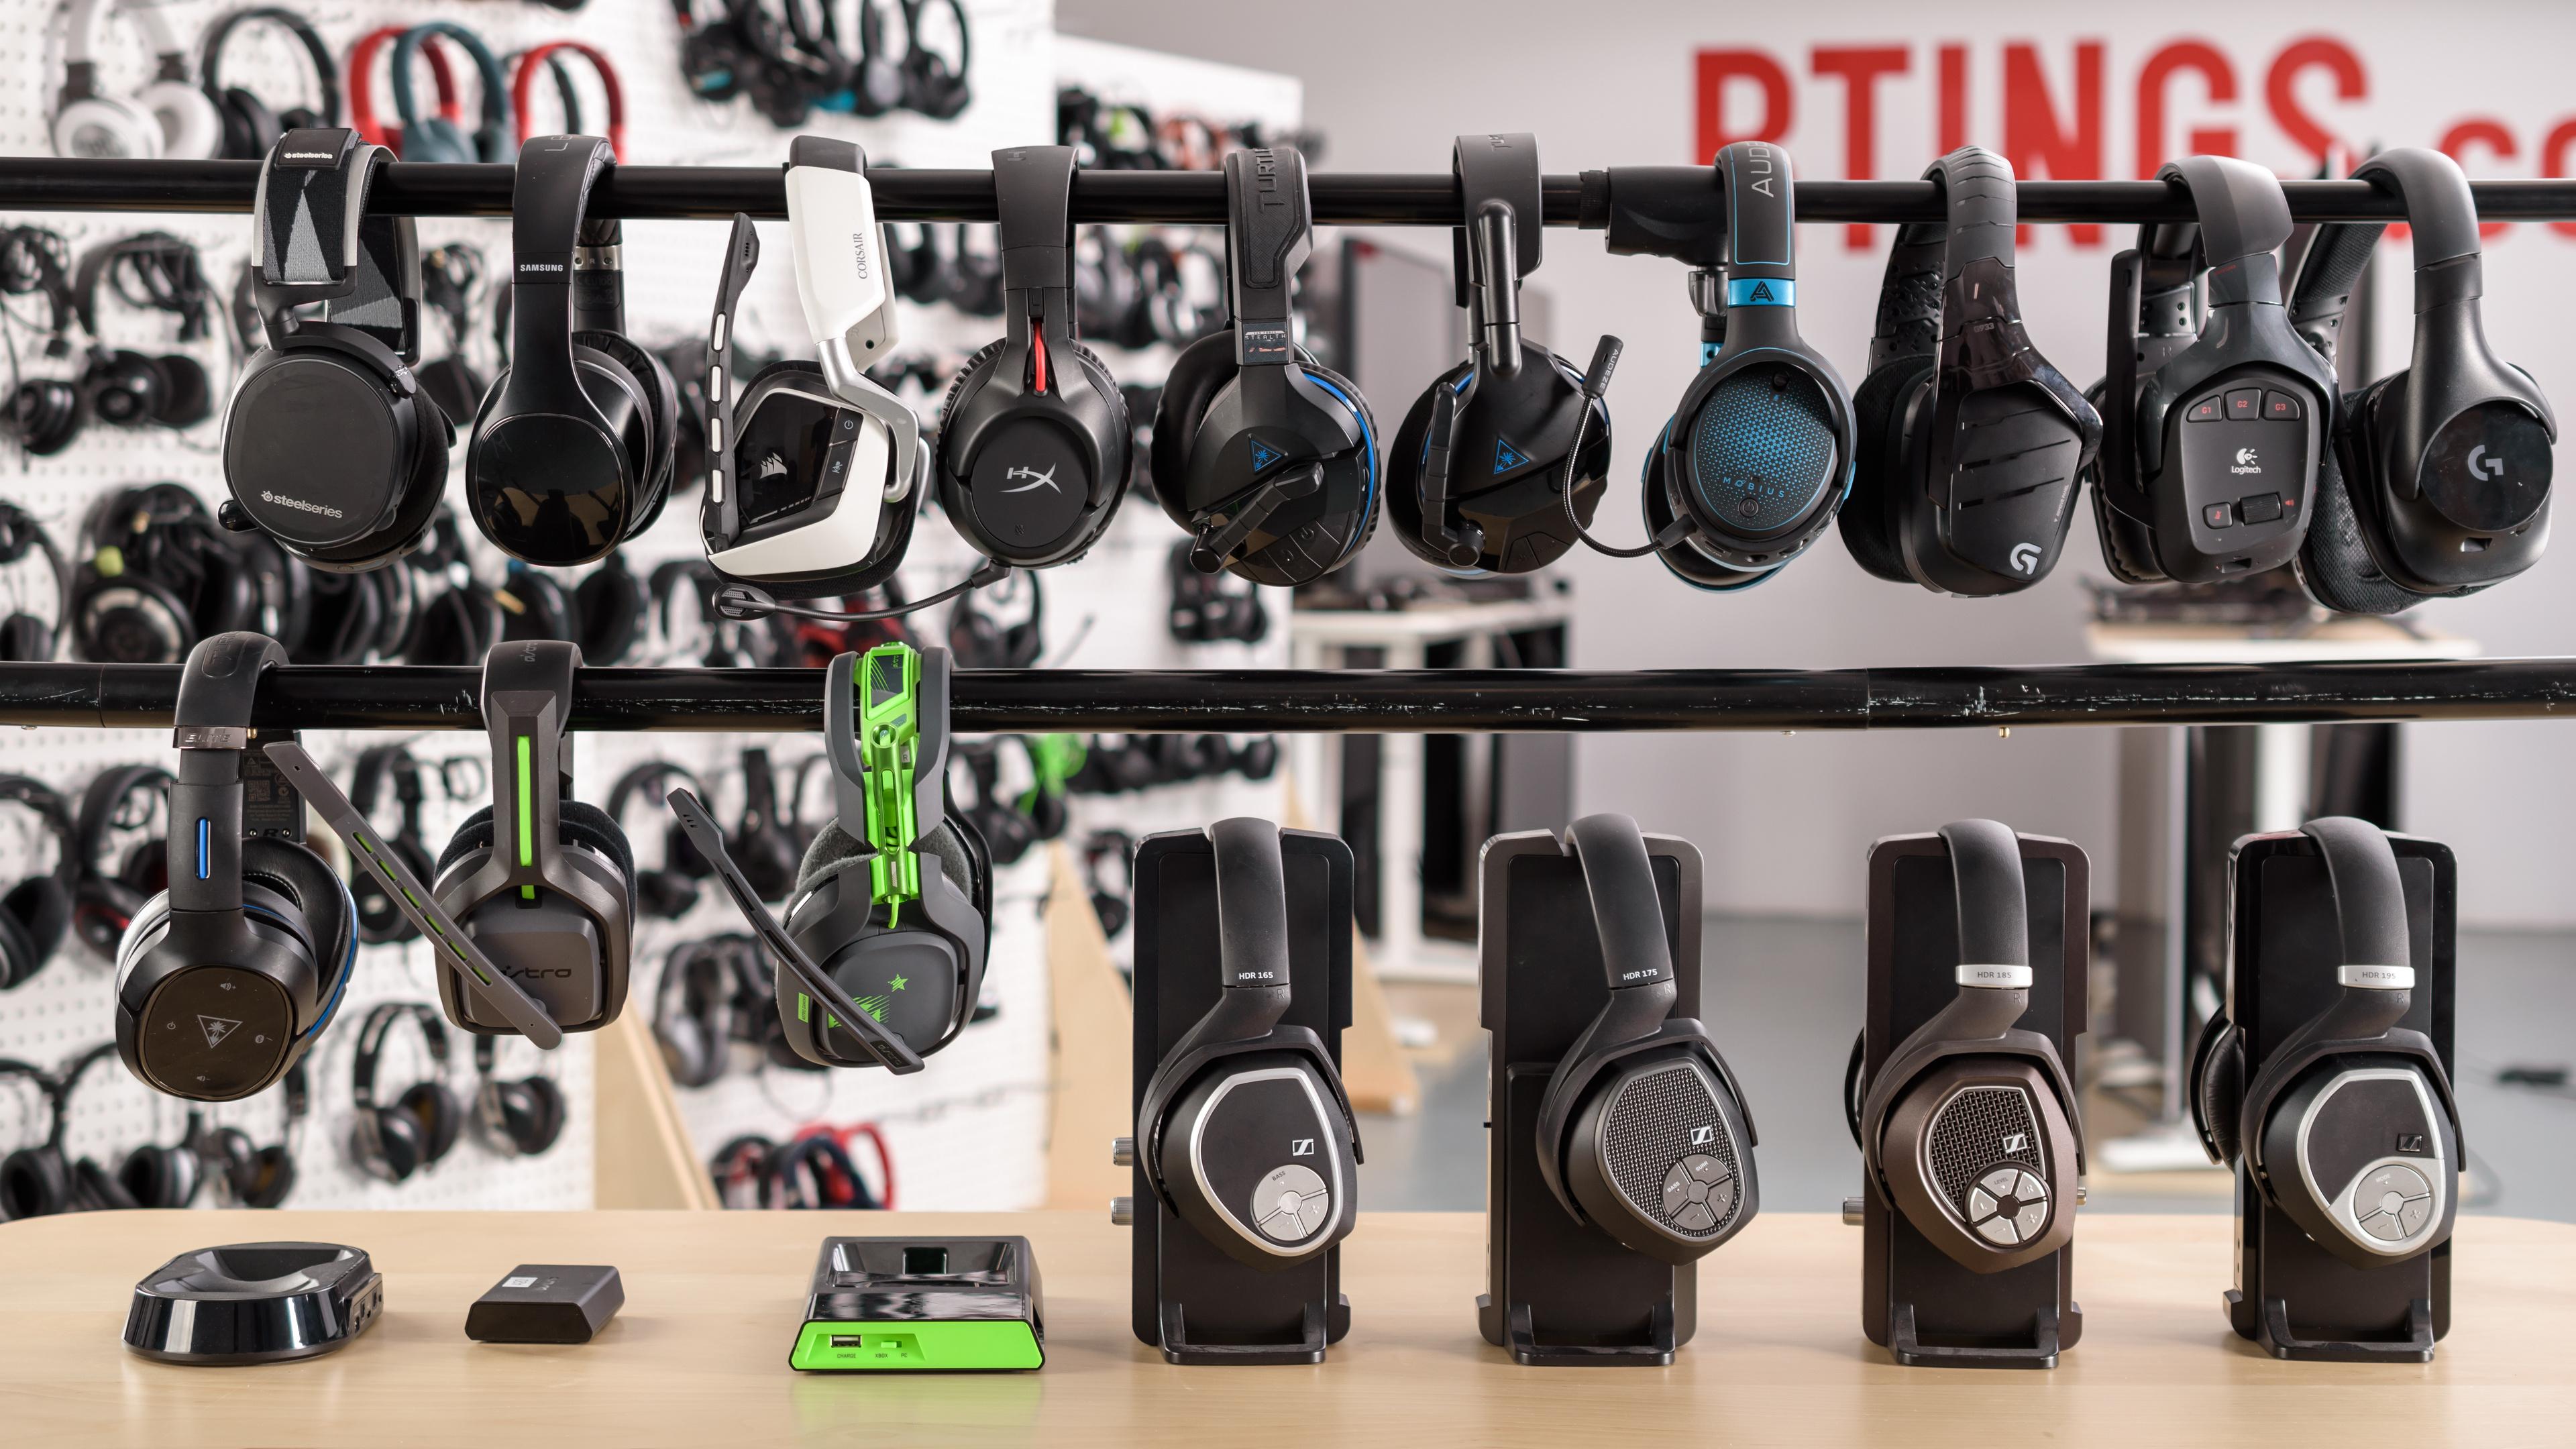 The 5 Best Wireless Headphones For TVs